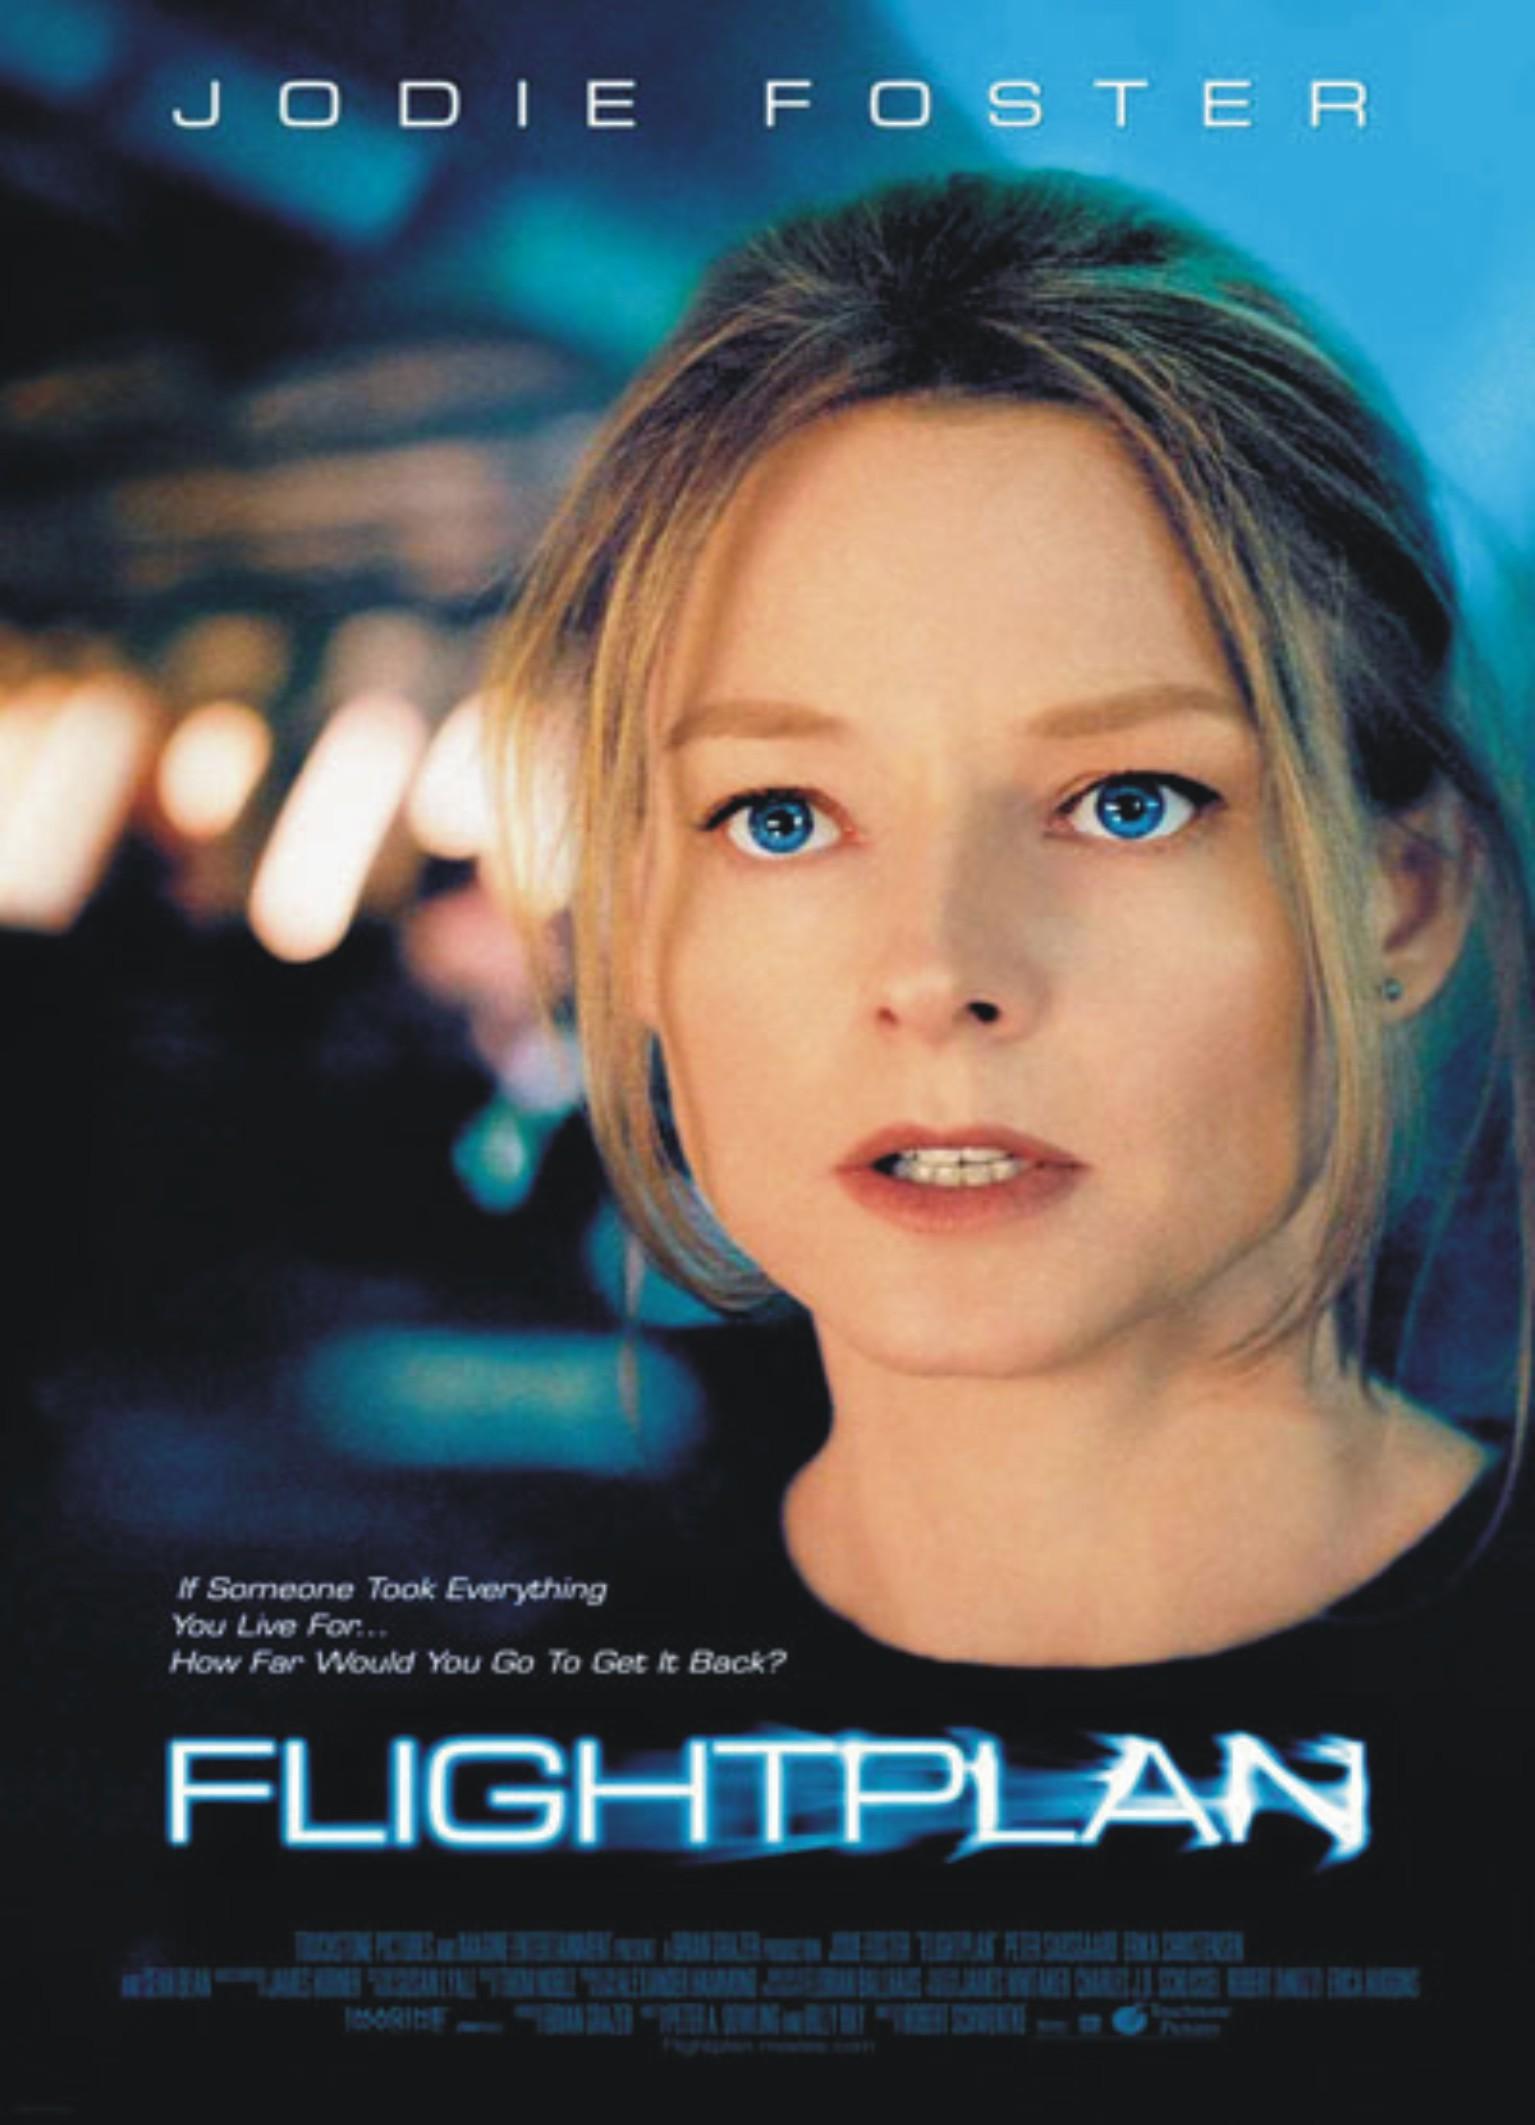 نقشه پرواز (جودی فاستر)